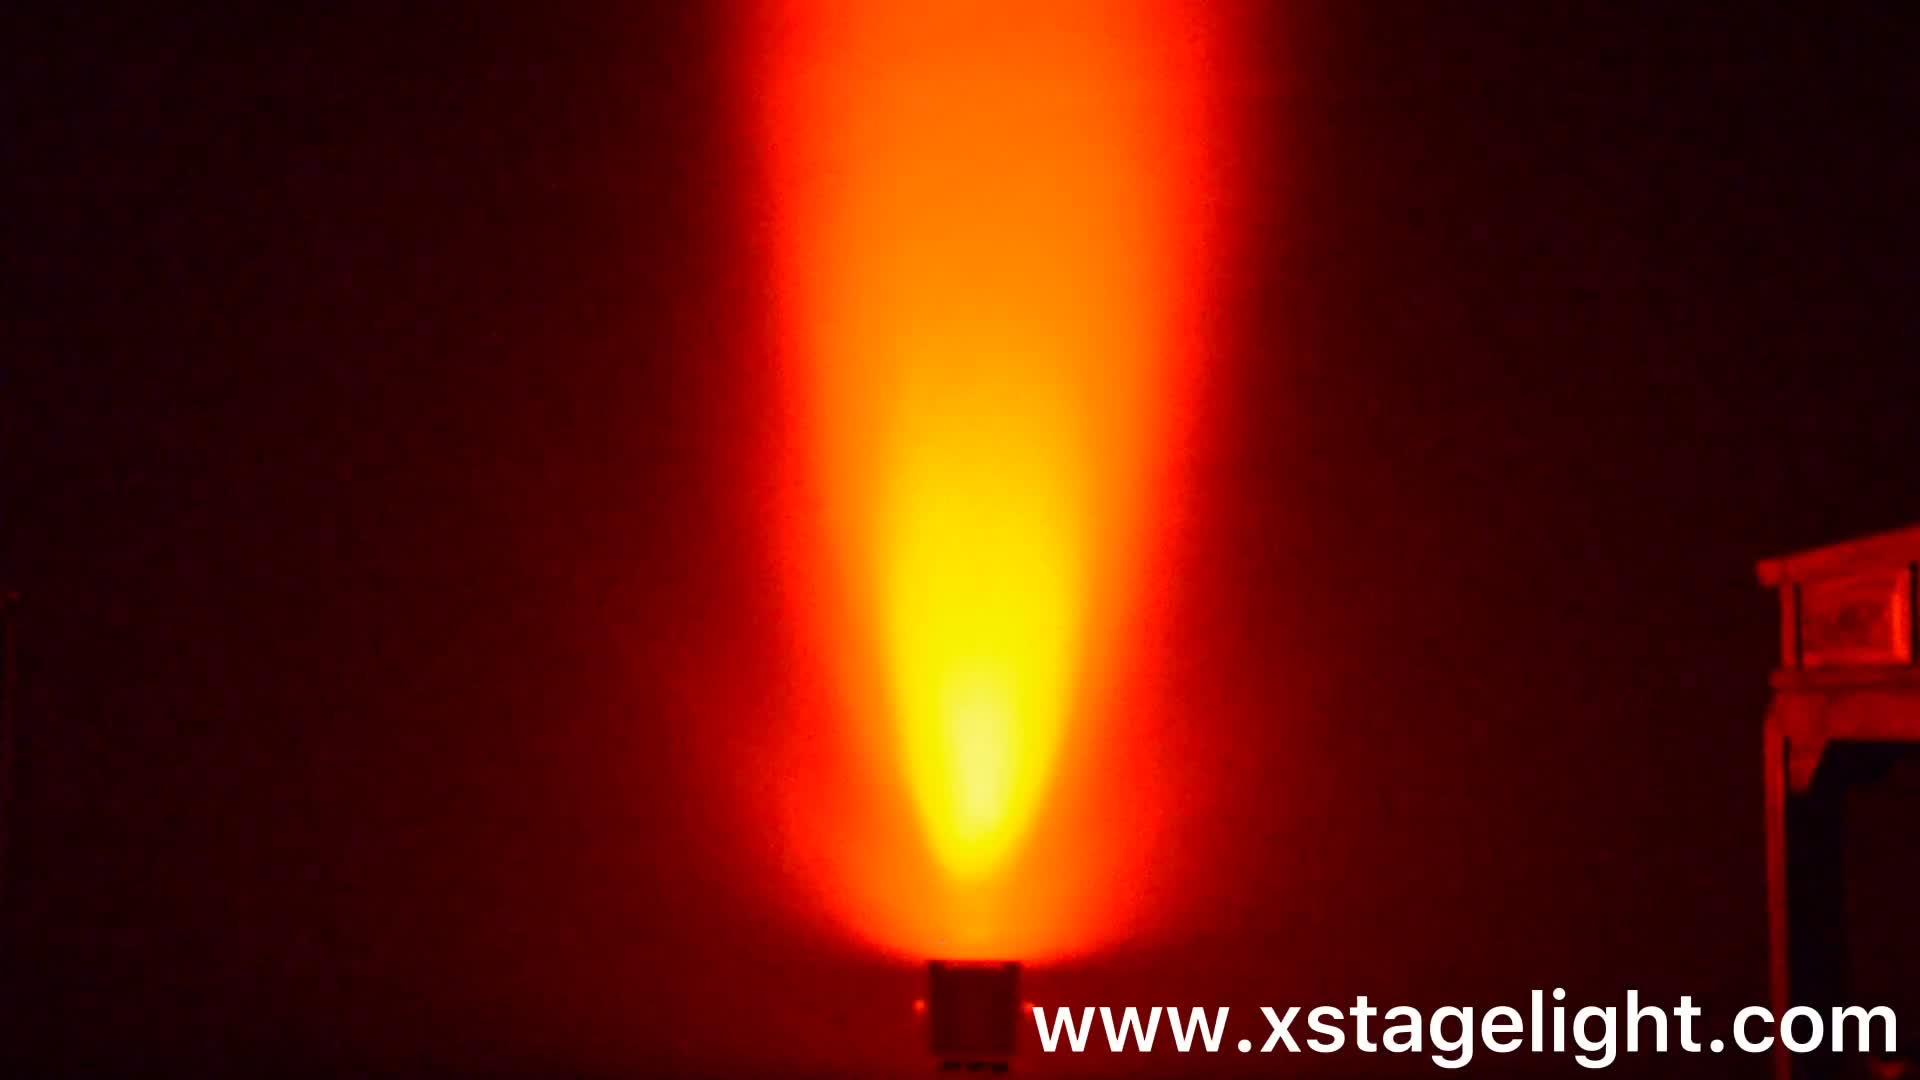 Светодиодные сценические светильники 6x18 Вт RGBWA UV 6в1 батарея и беспроводной светодиодный par свет